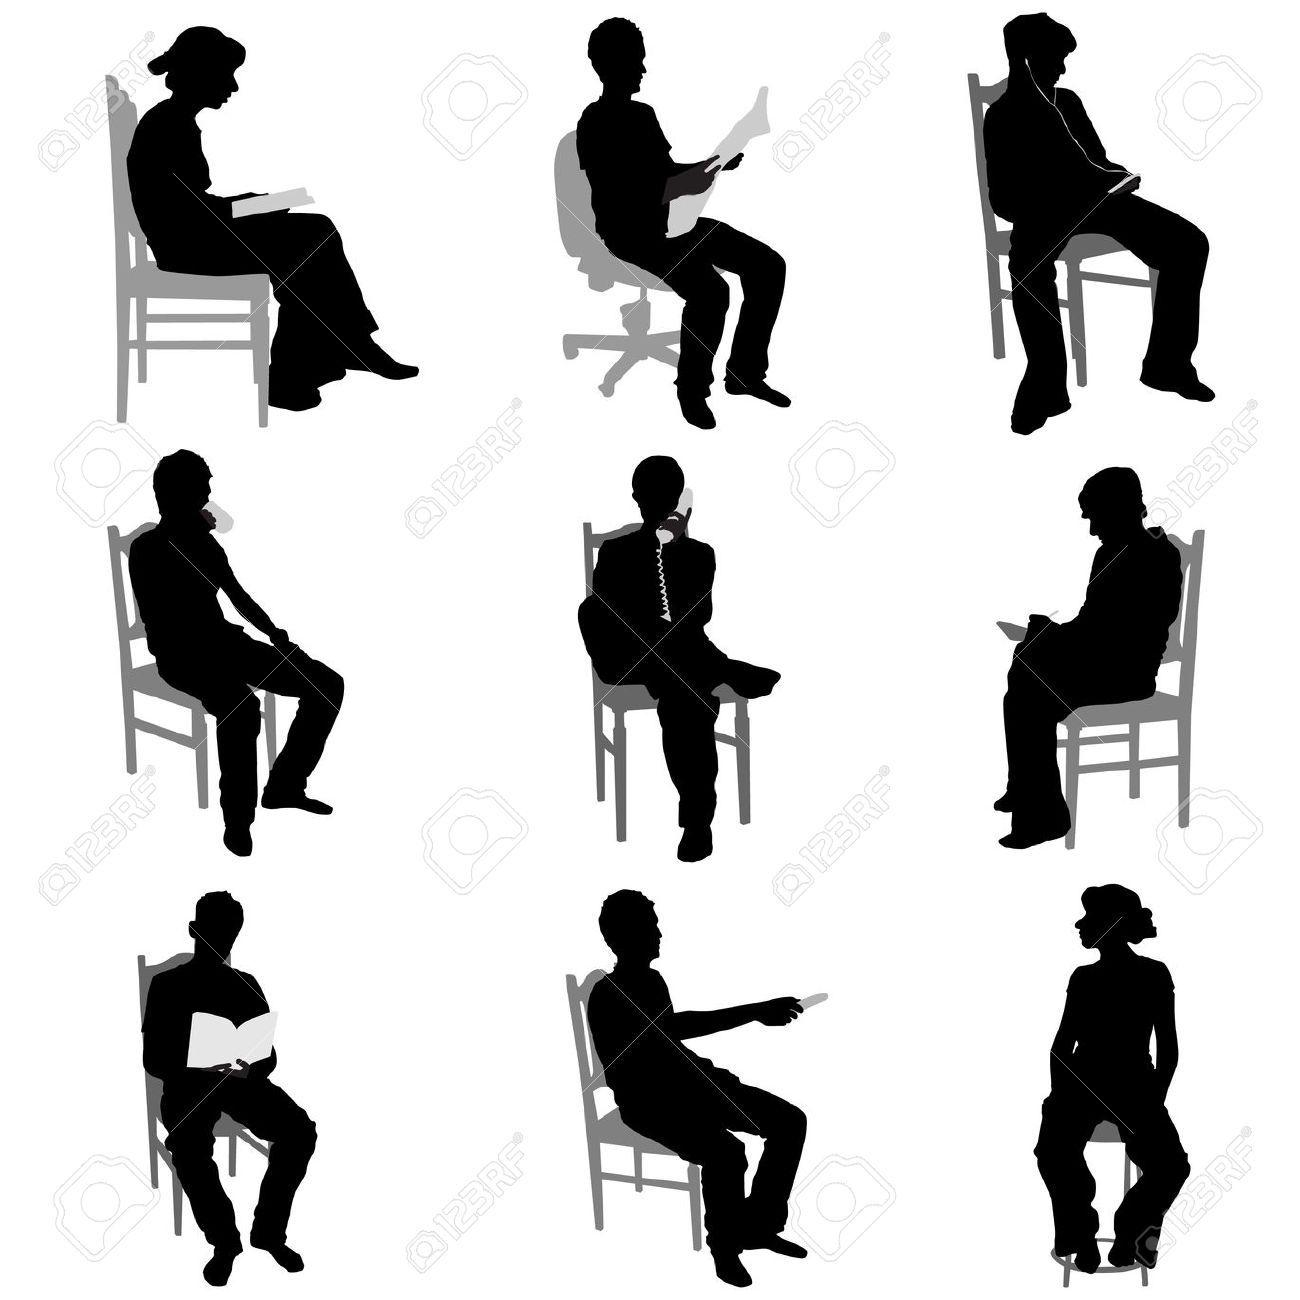 Risultati immagini per sagoma persona seduta